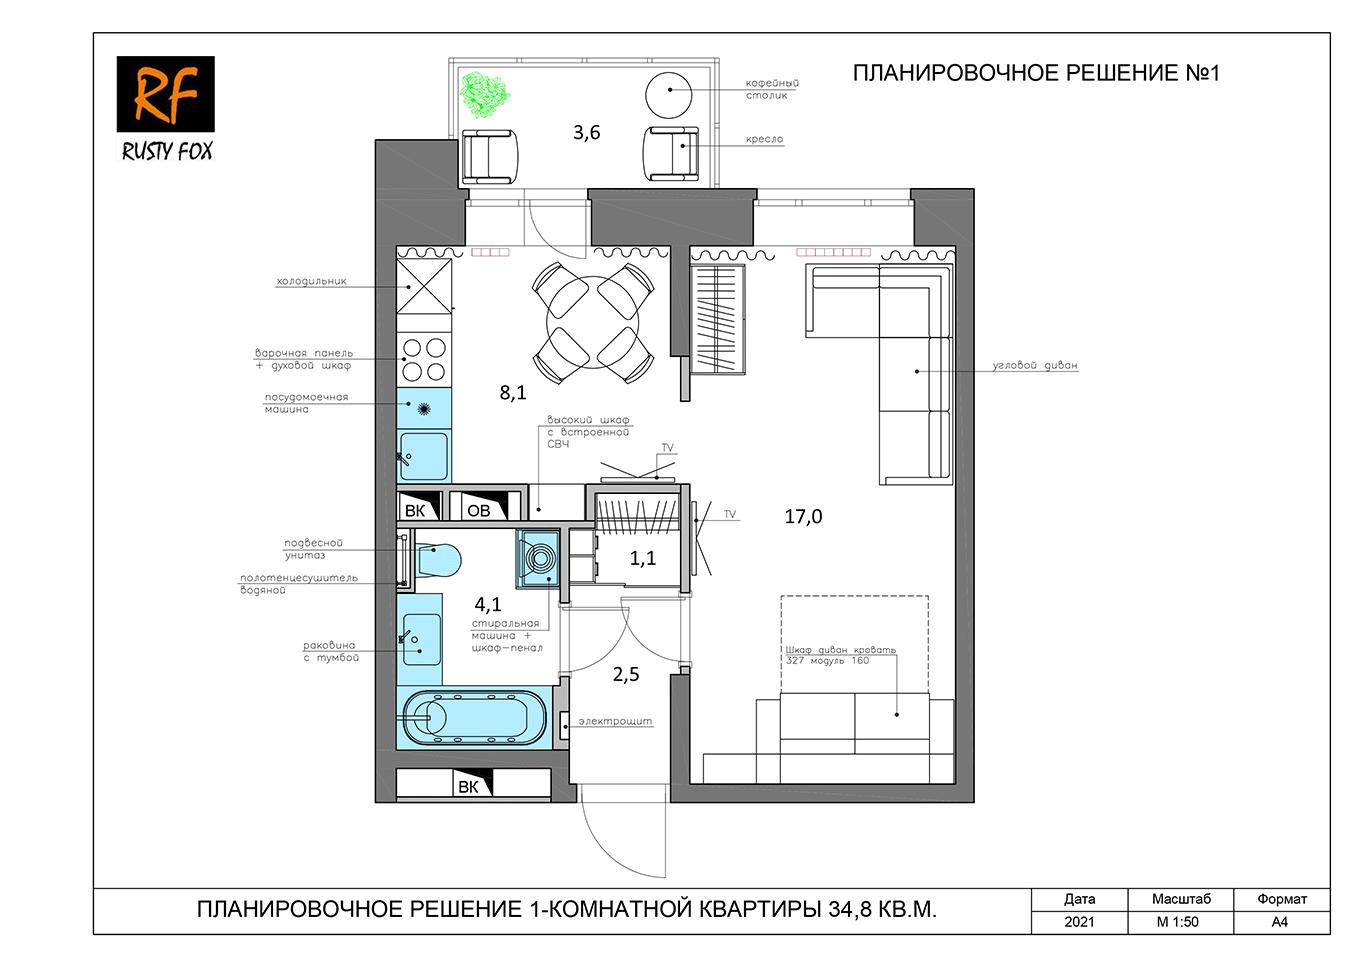 ЖК Люберцы корпус 52, секция 1. Планировочное решение №1 1-комнотной квартира 34,8 кв.м.